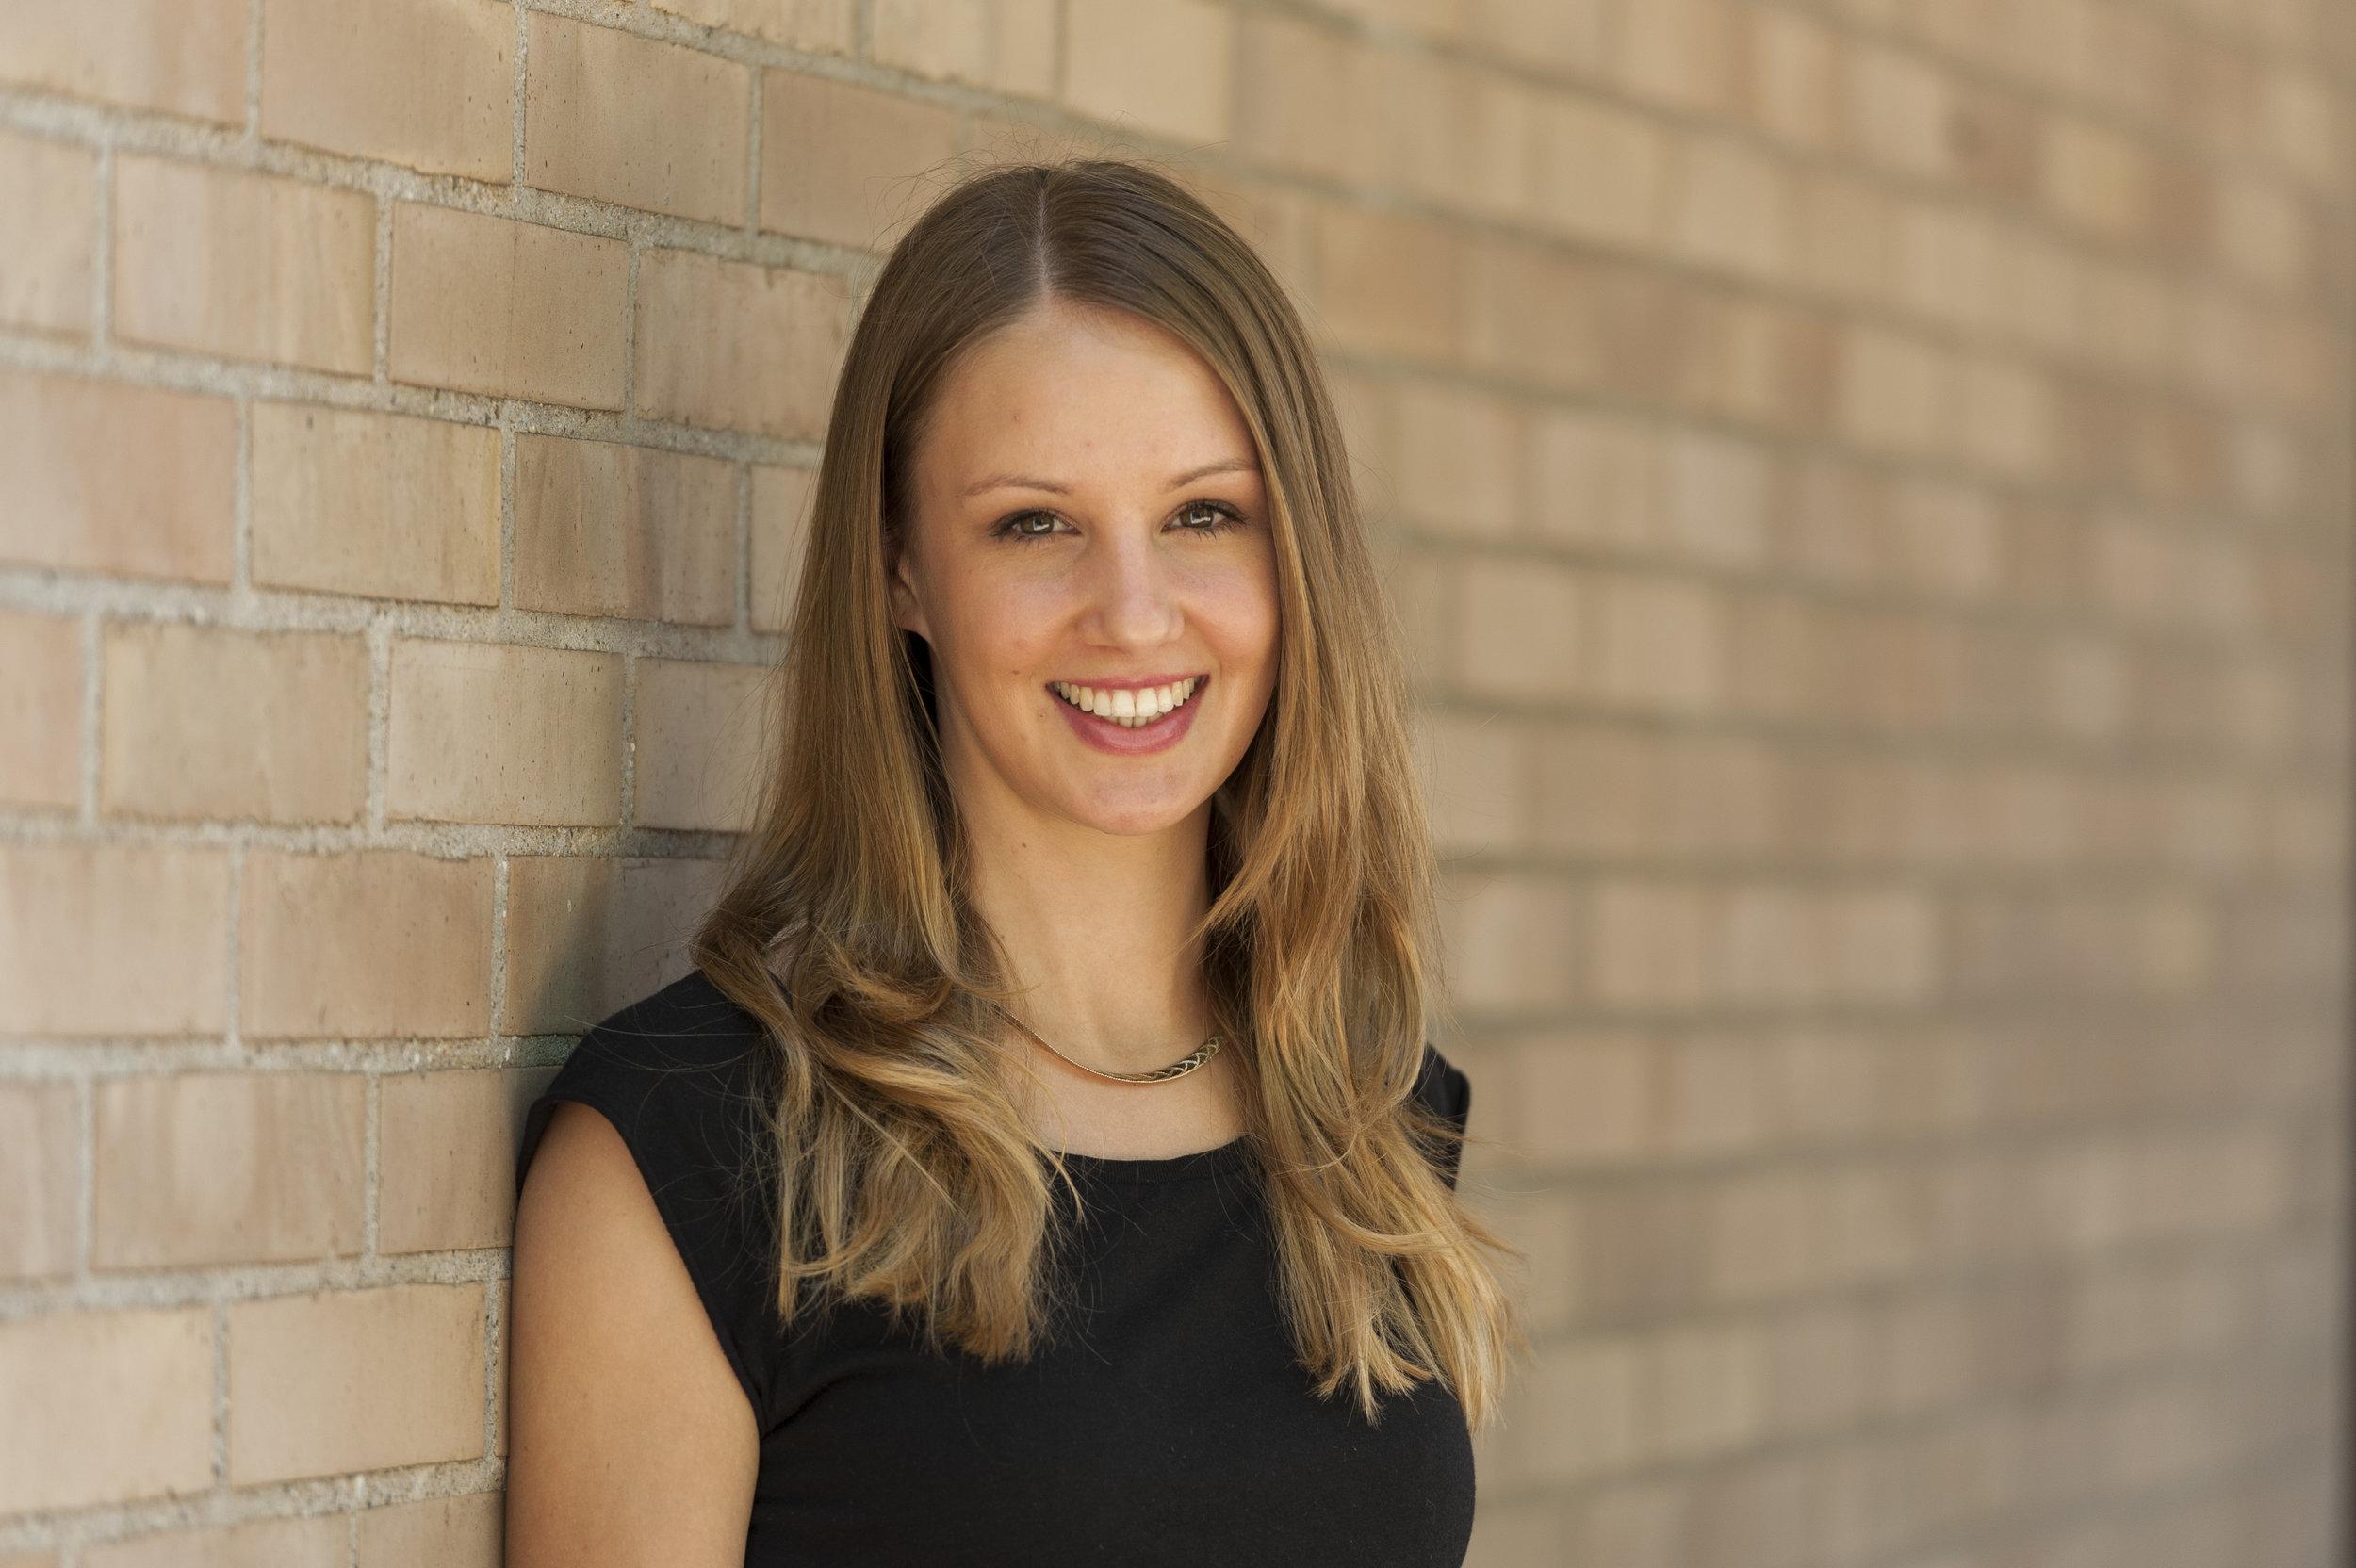 Heidi Büchi - «Confession hat in mir eine neue Begeisterung und Motivation geweckt, mich ganz für das Reich Gottes einzusetzen. Mir fällt es jetzt viel leichter, offen auf Menschen zuzugehen und ihnen von Jesus zu erzählen.»